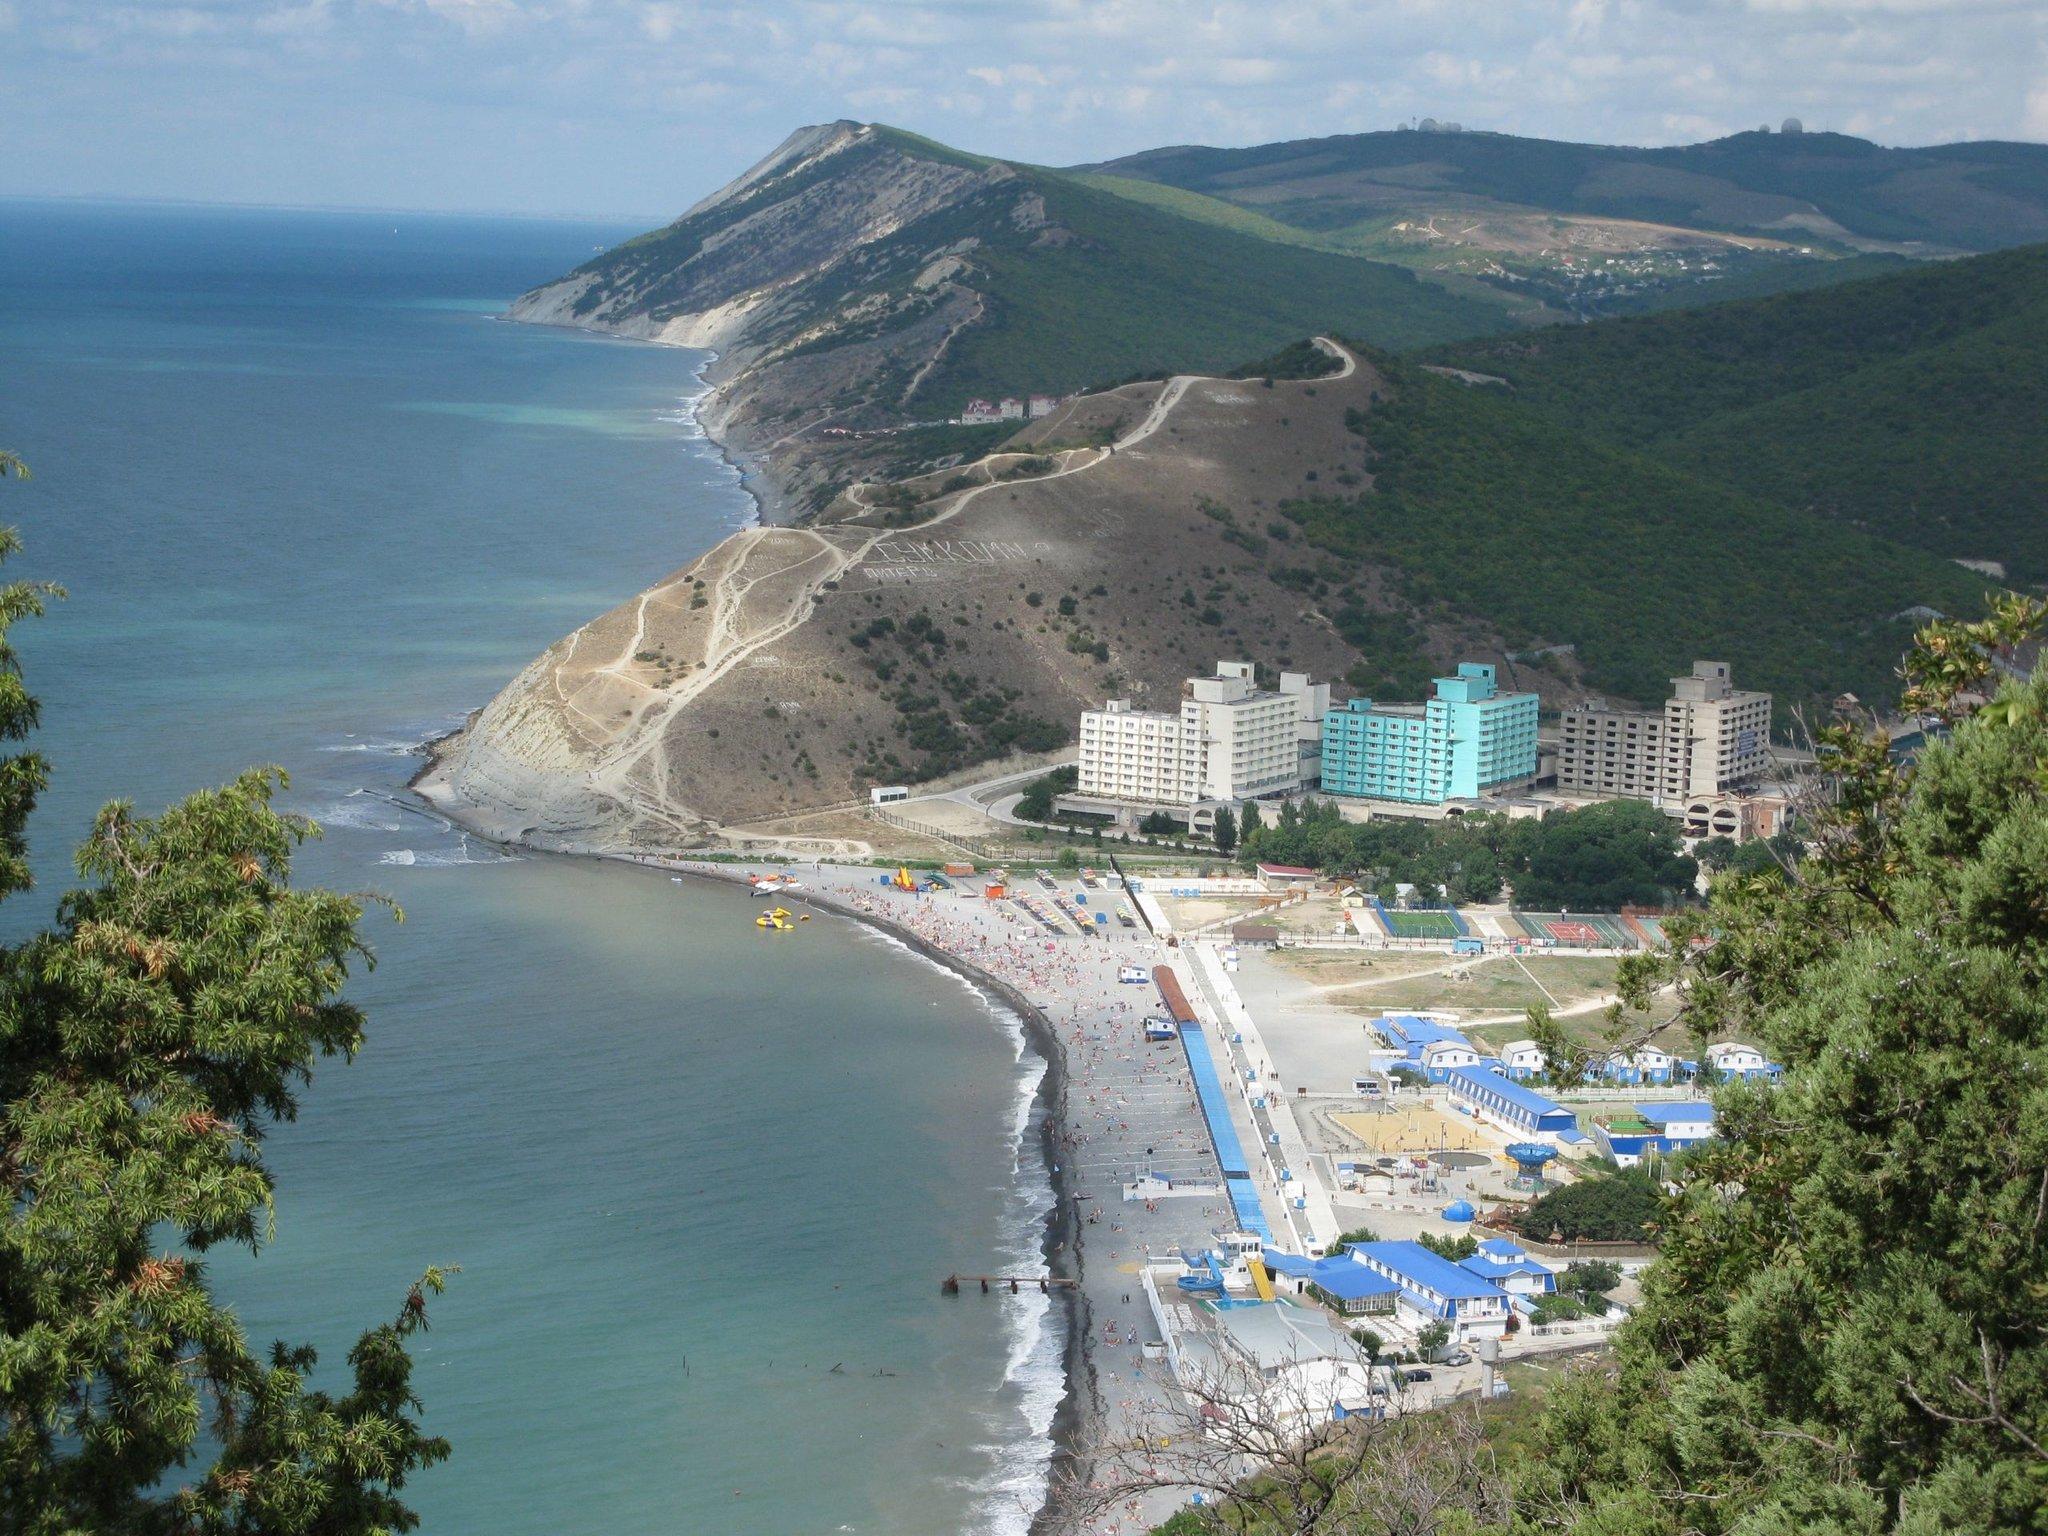 домов бассейном черноморские курорты фото города поселки является